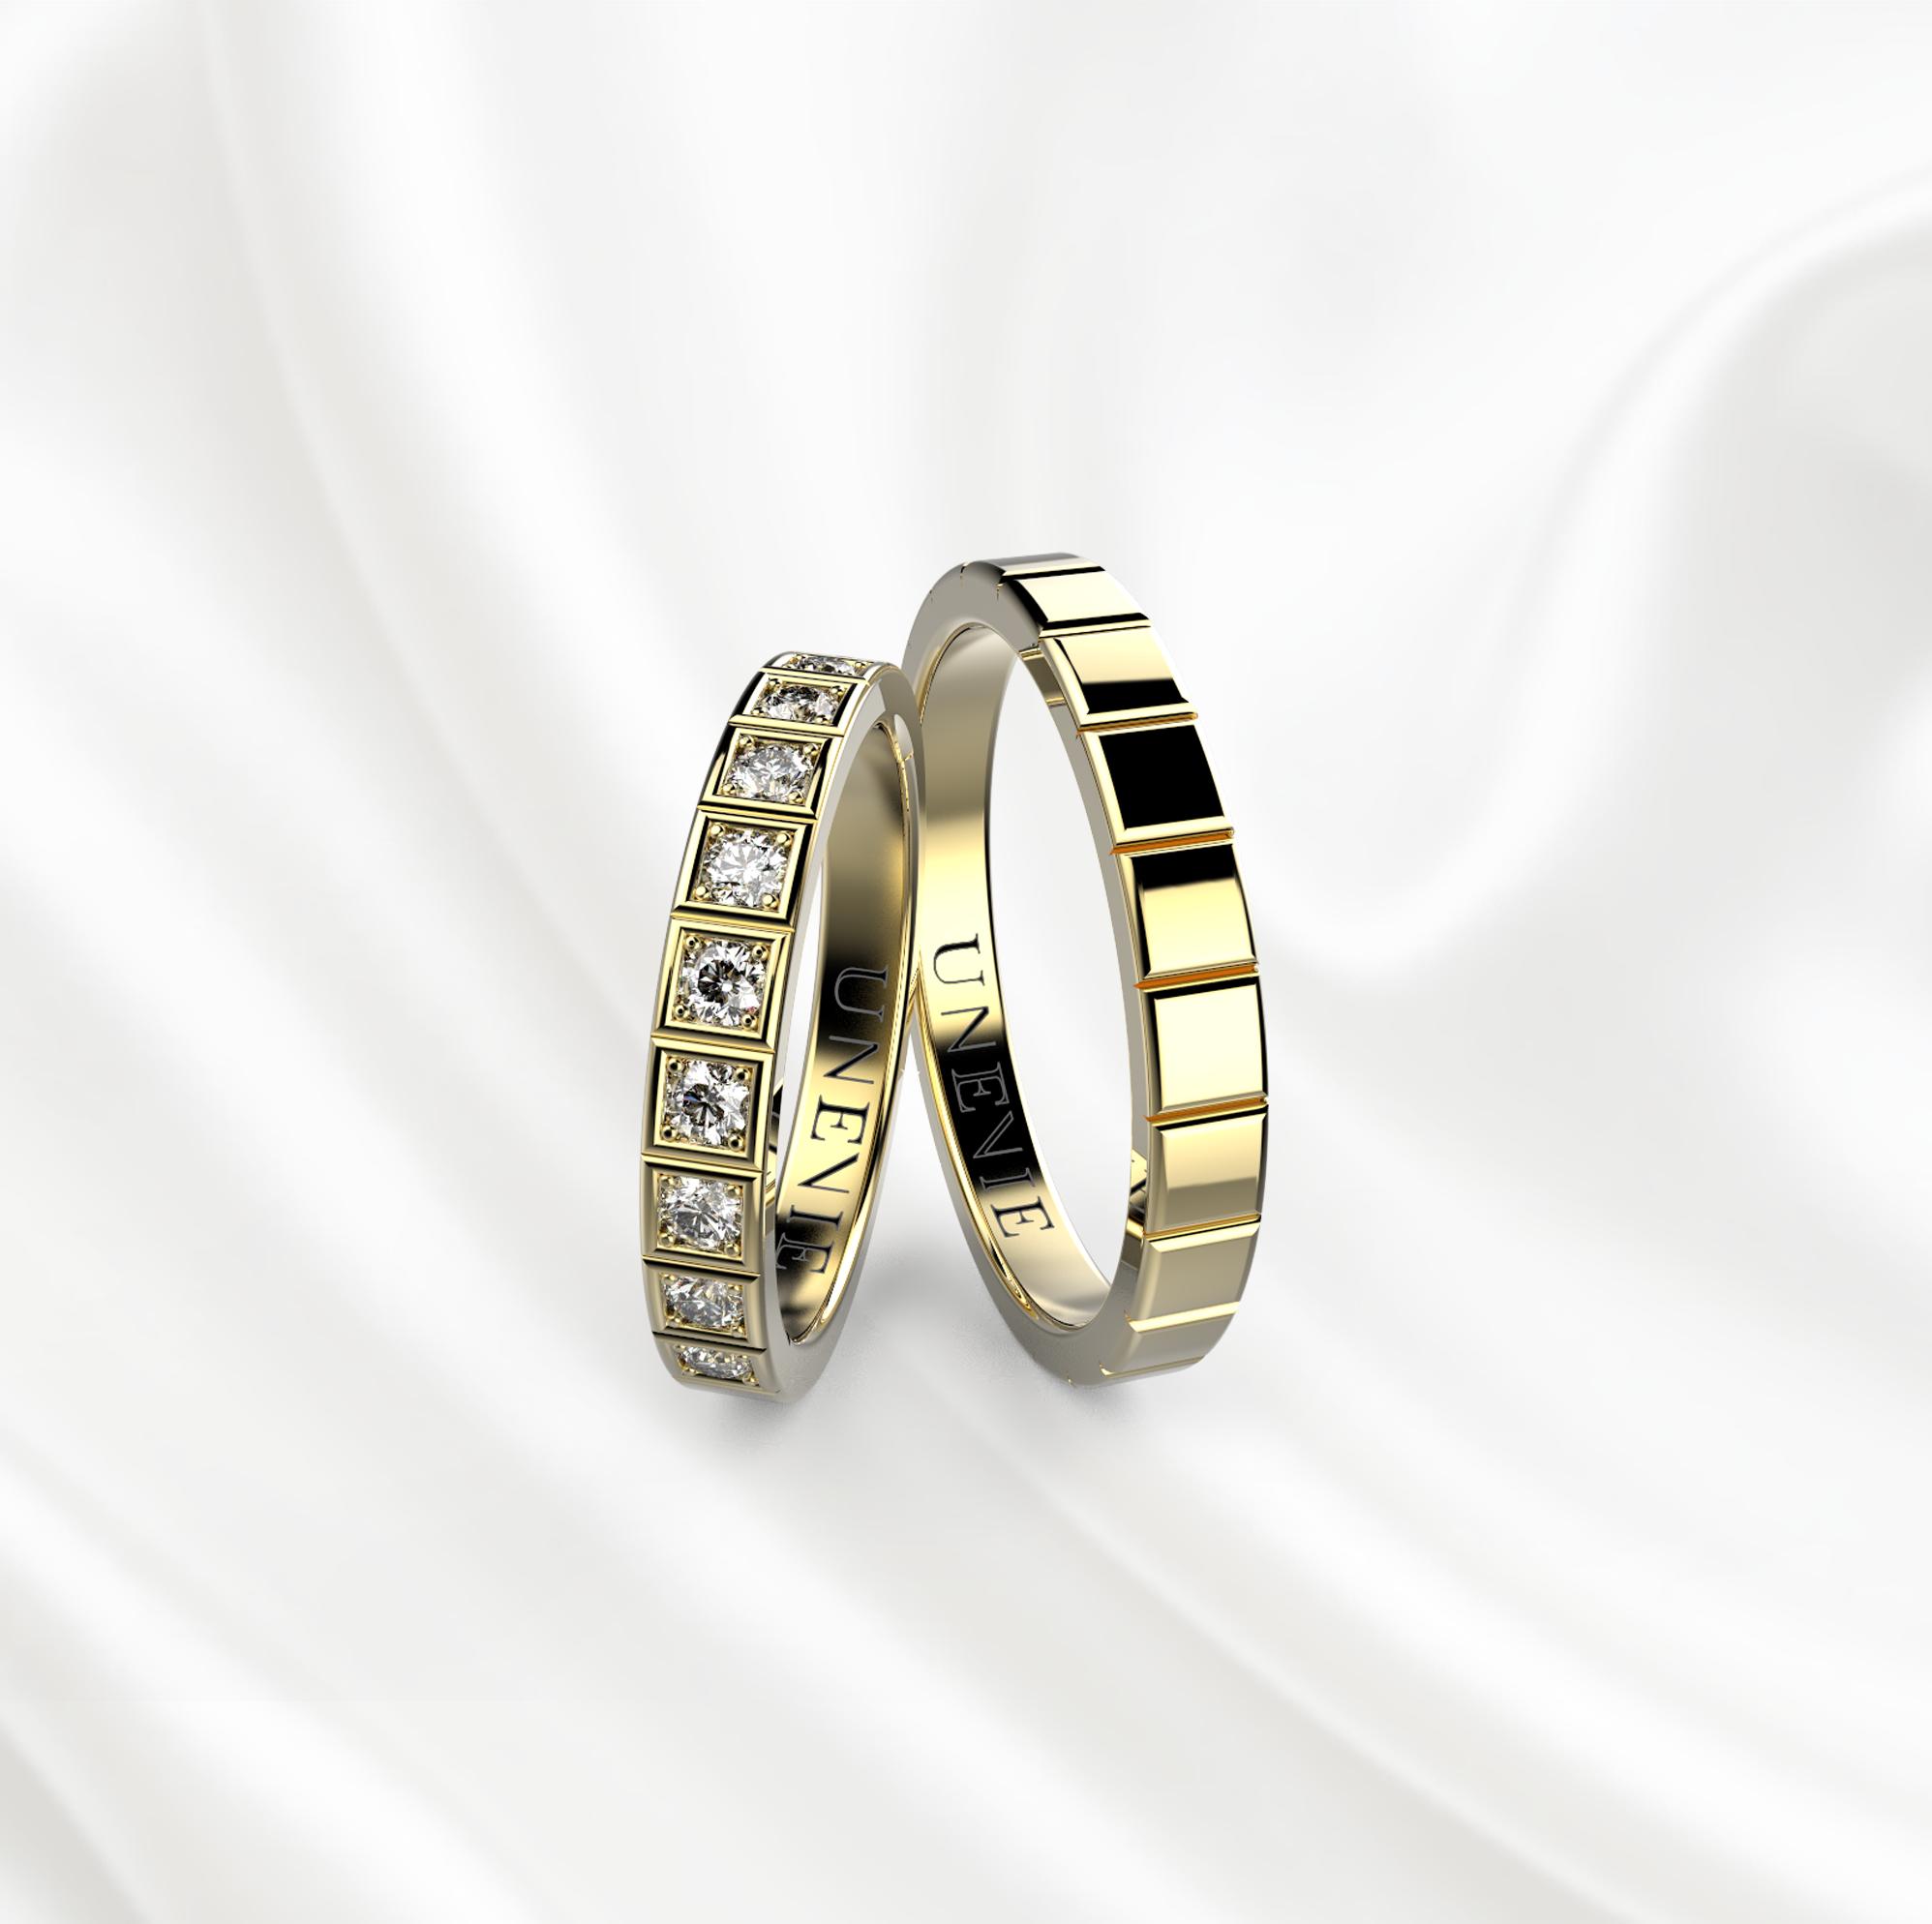 NV26 Обручальные кольца из жёлтого золота с бриллиантами